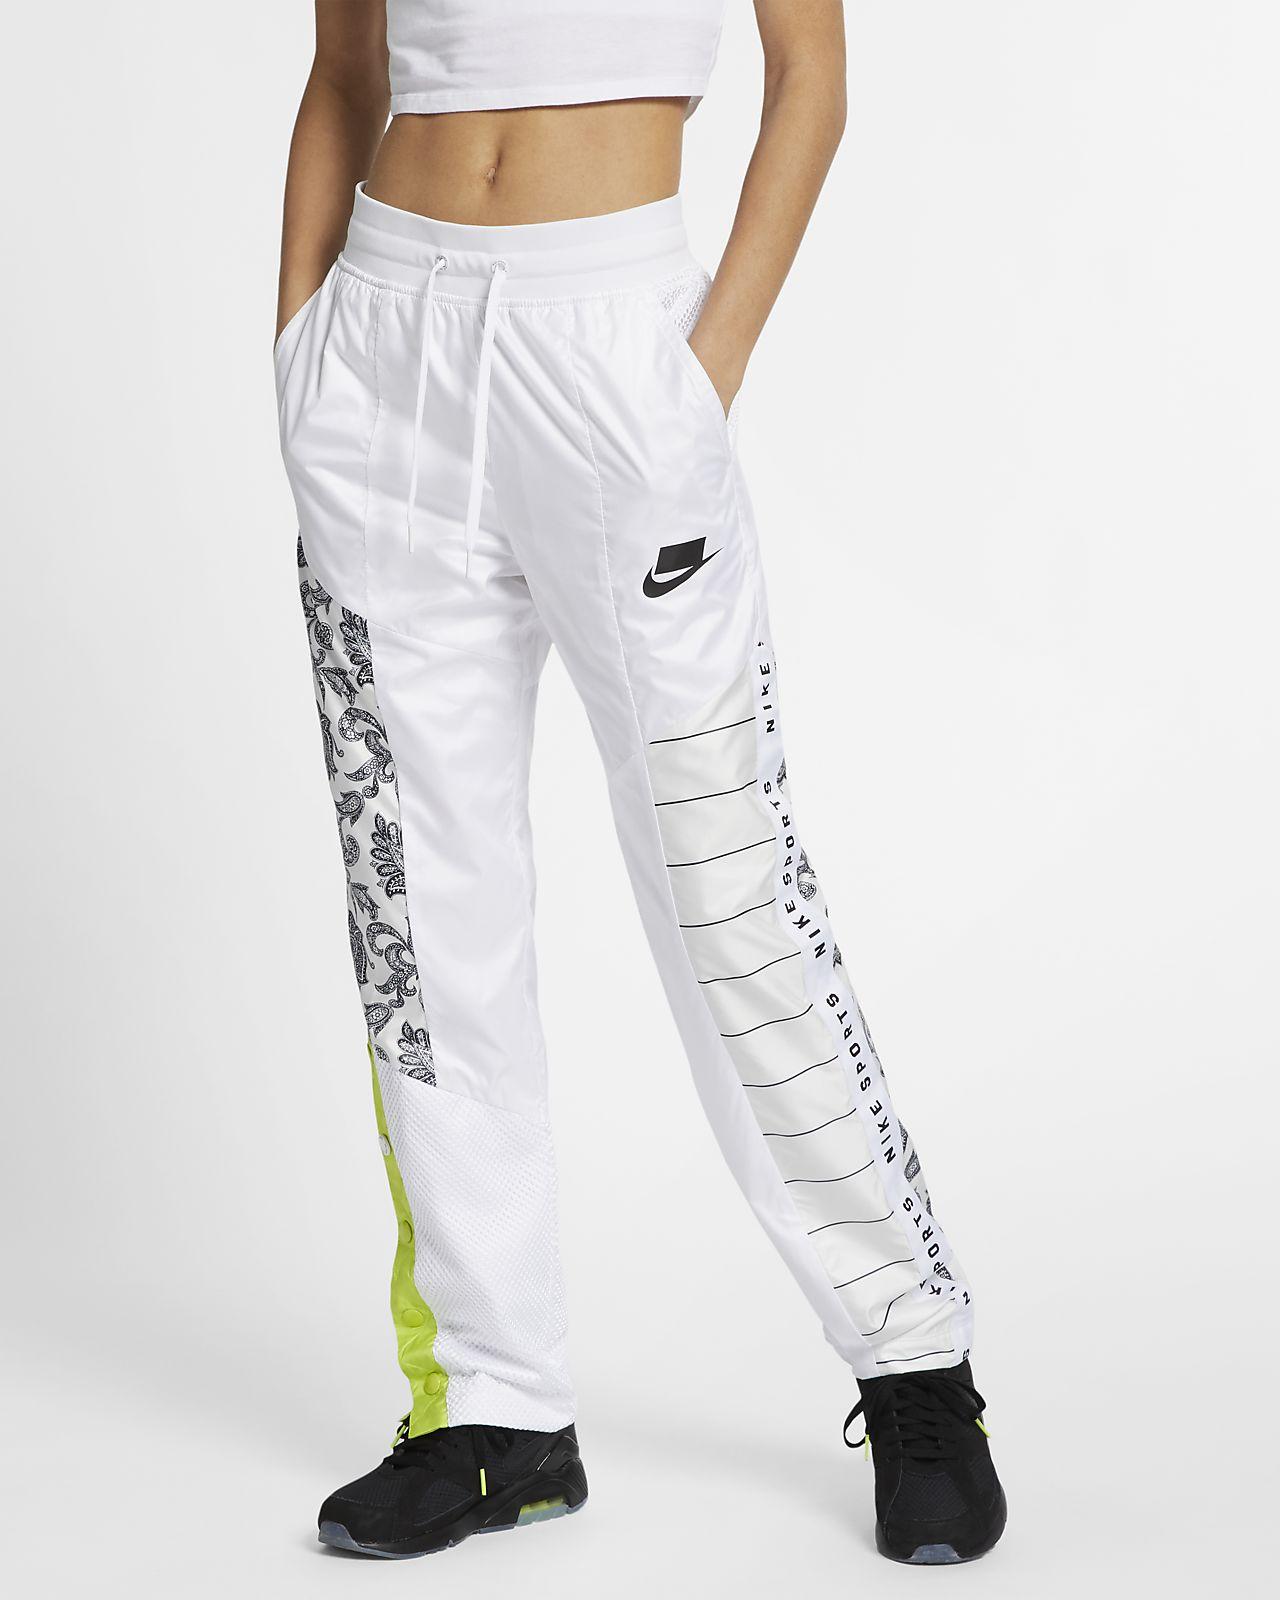 Nike Sportswear NSW vevd treningsbukse til dame